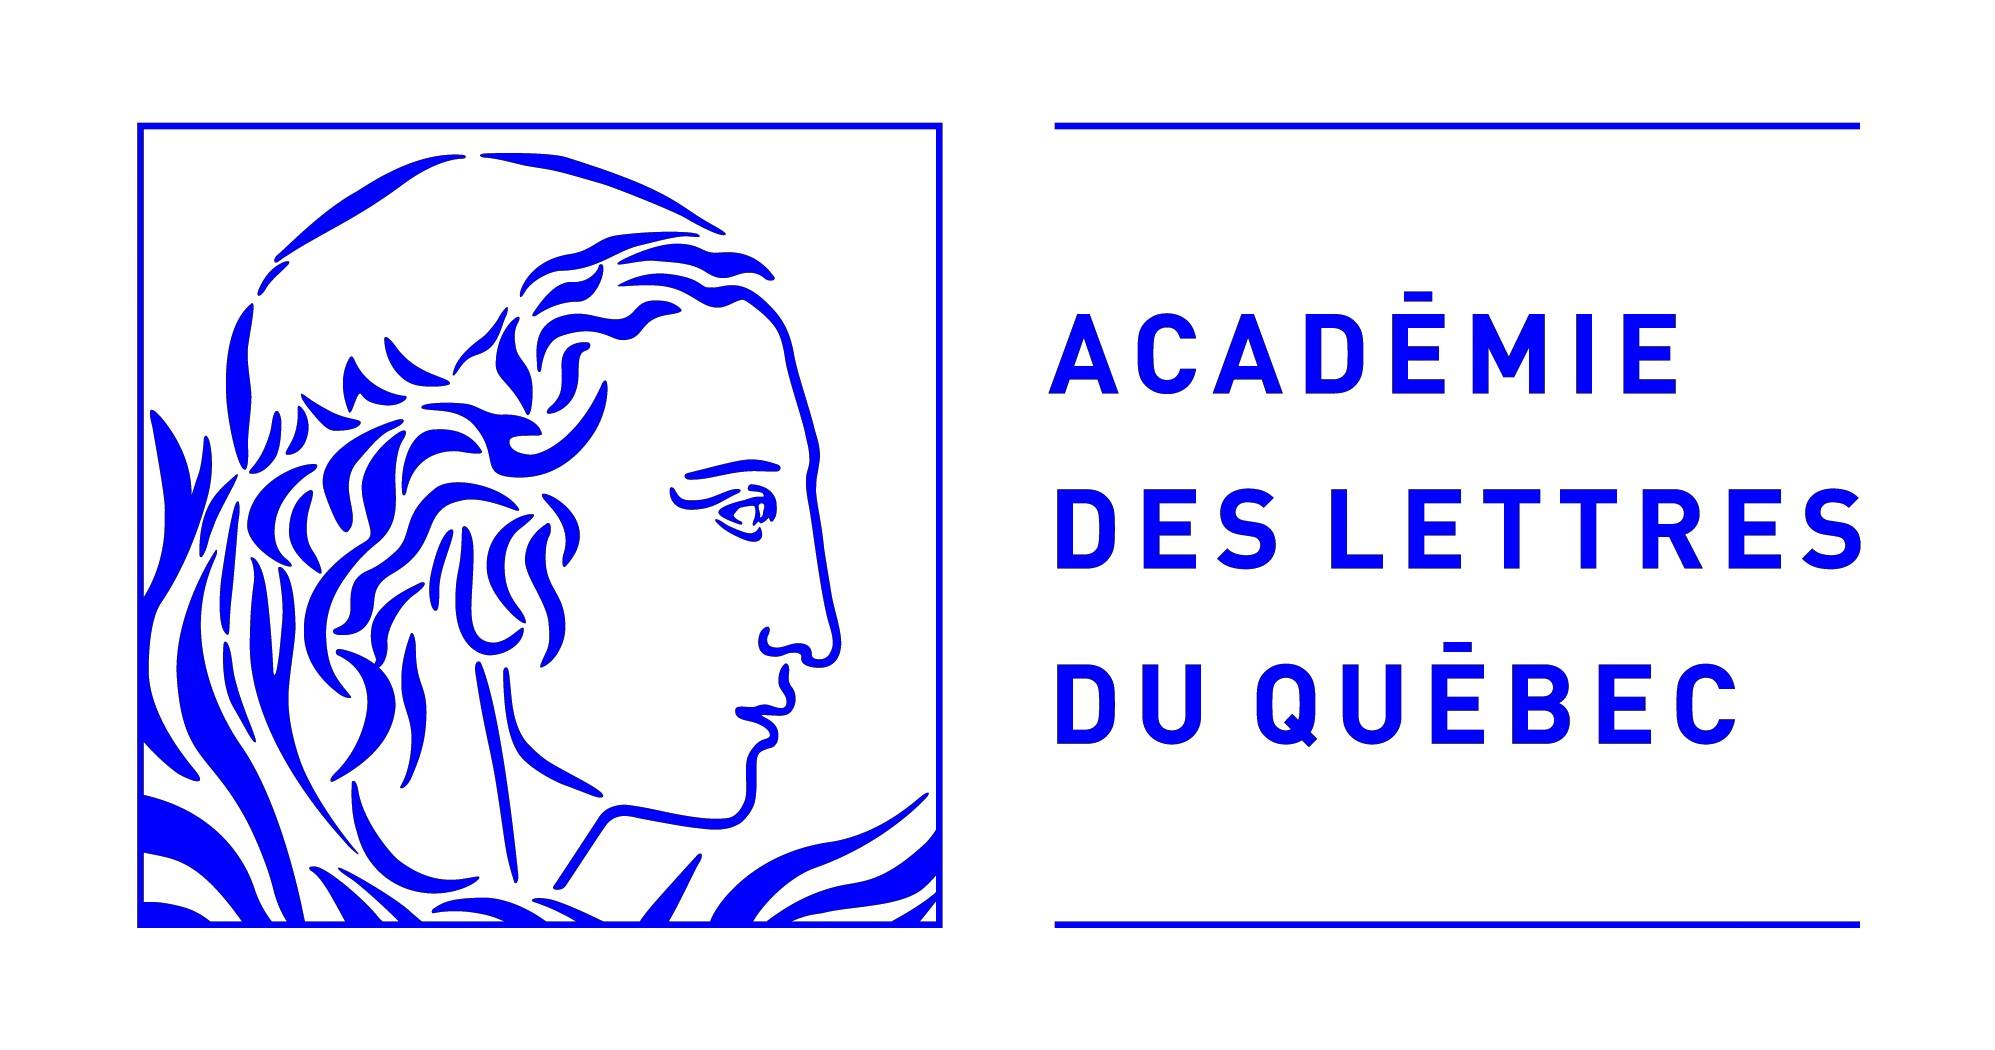 Académie des lettres du Québec